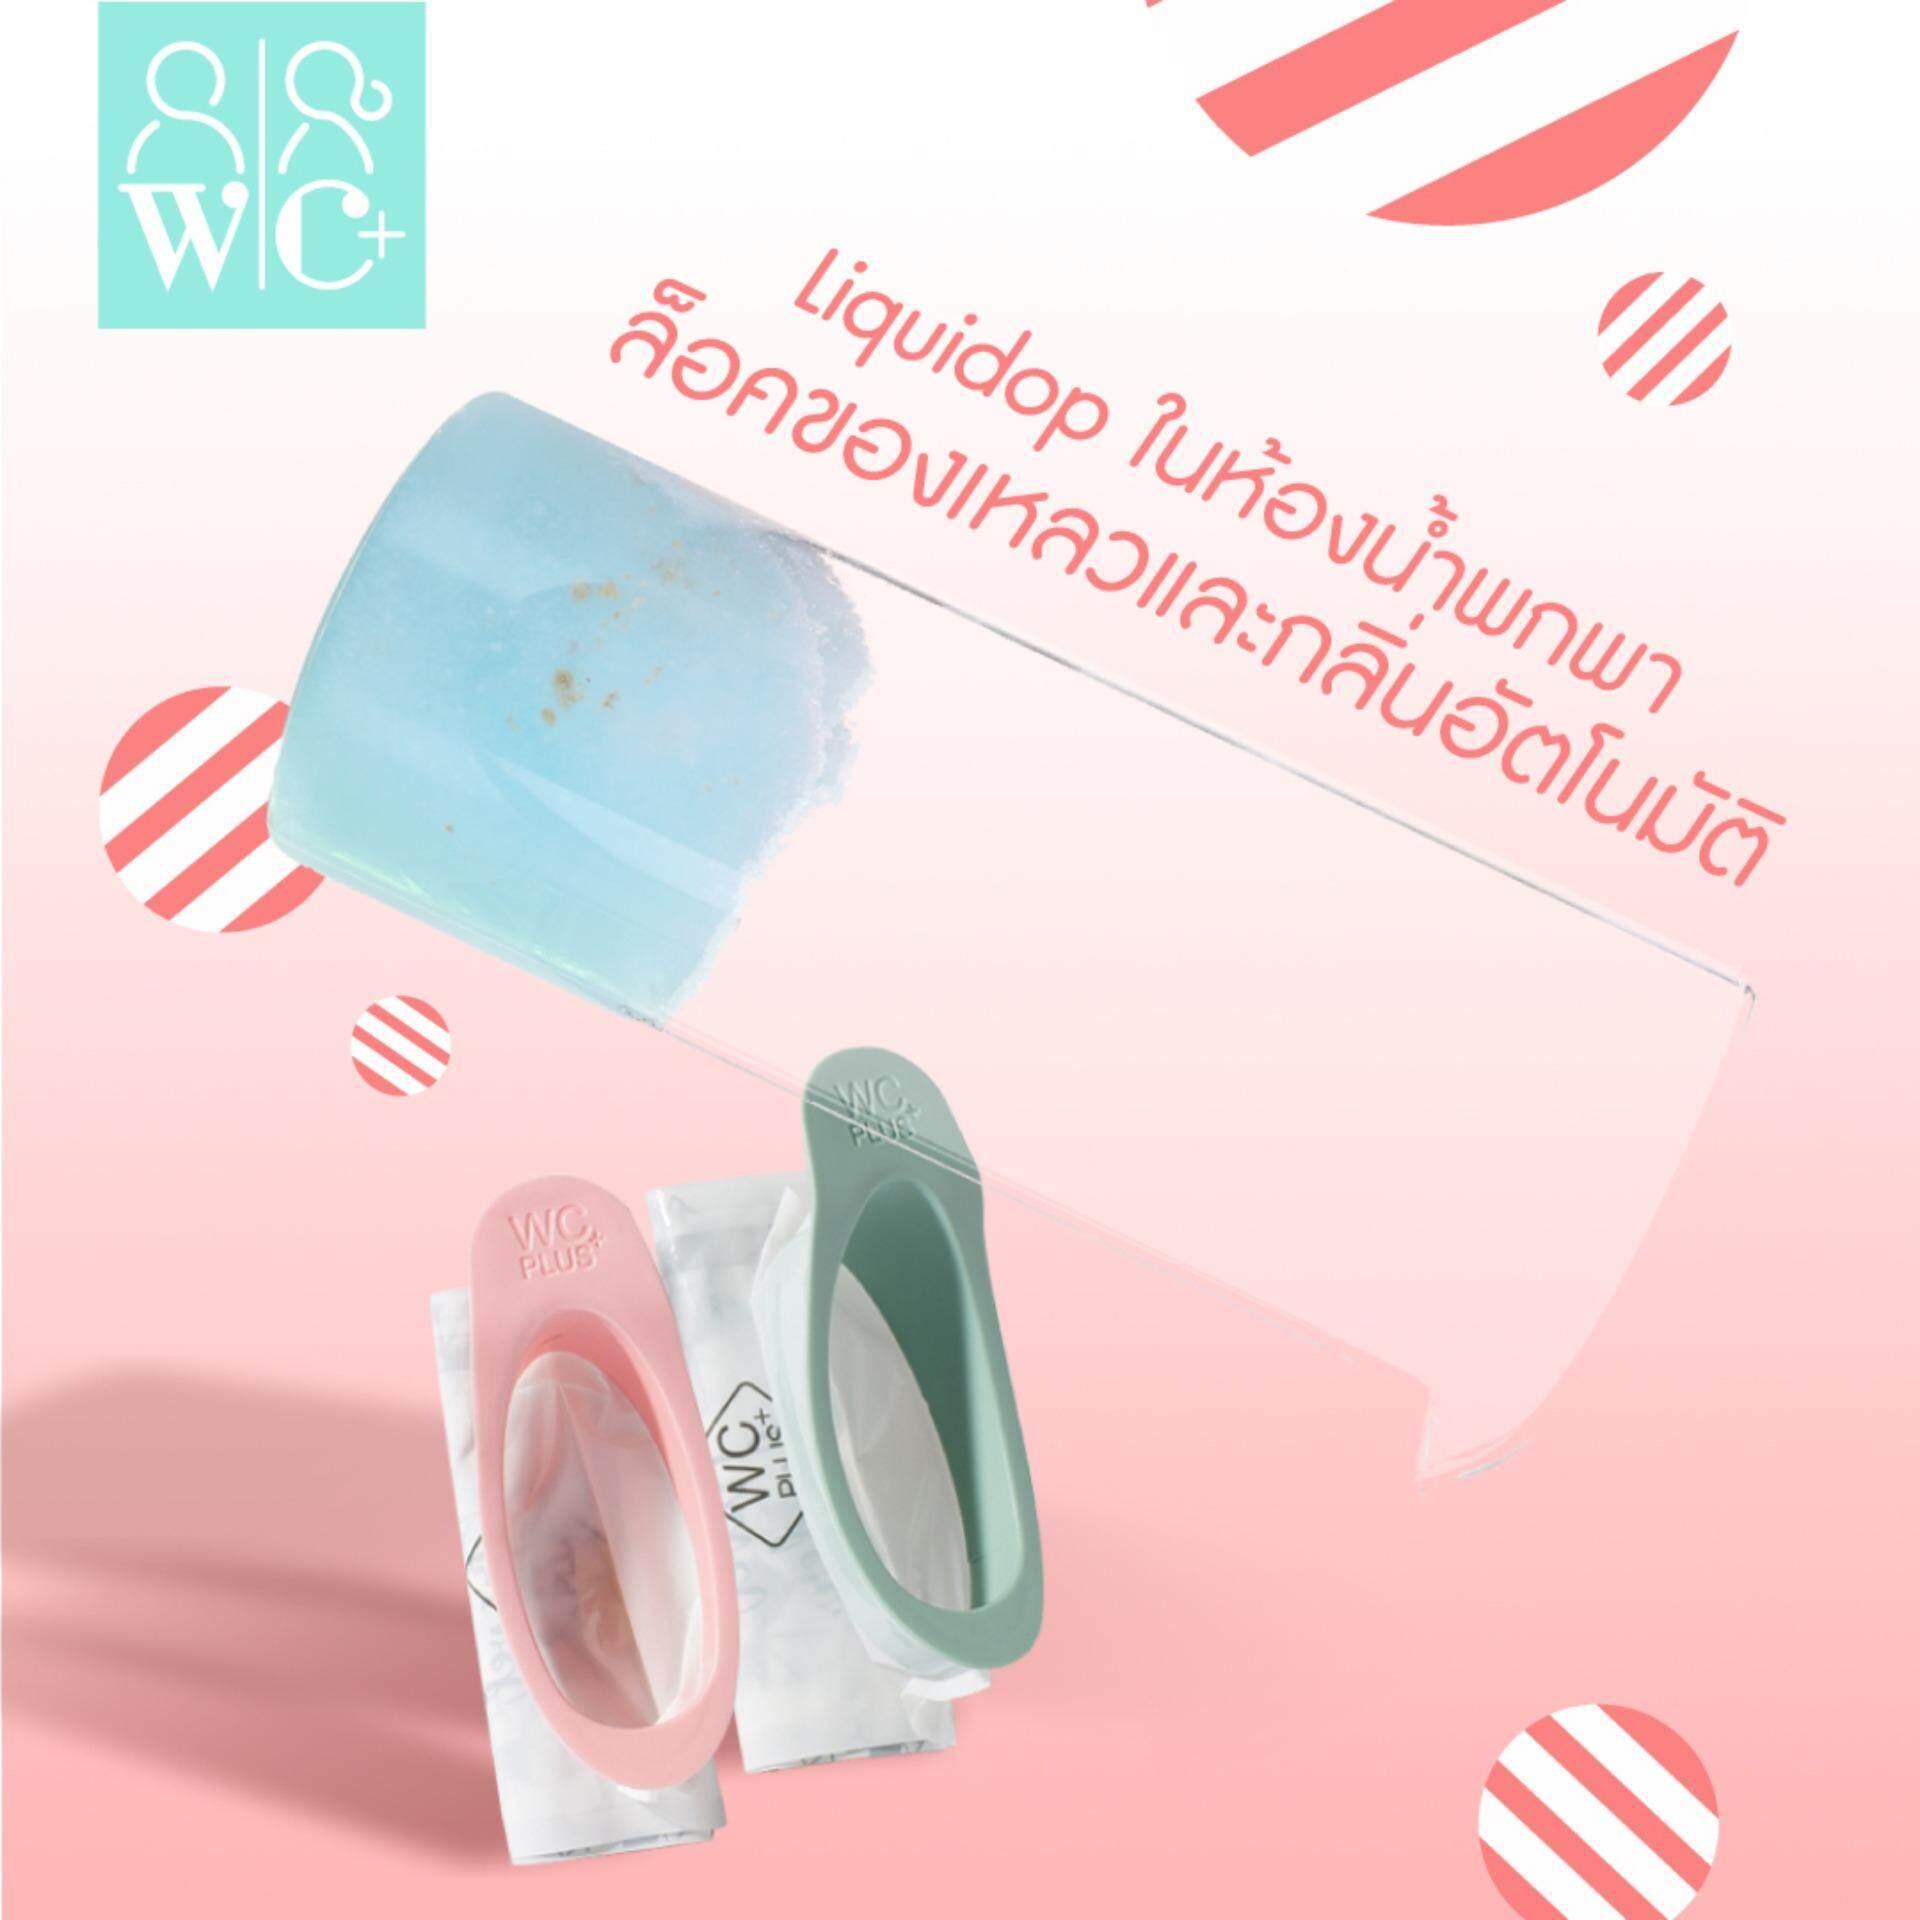 Image 4 for WC PEEC ห้องน้ำในรถ by WC Plus+ ถุงฉี่ ถุงปัสสาวะ บนรถ (2 กล่อง)